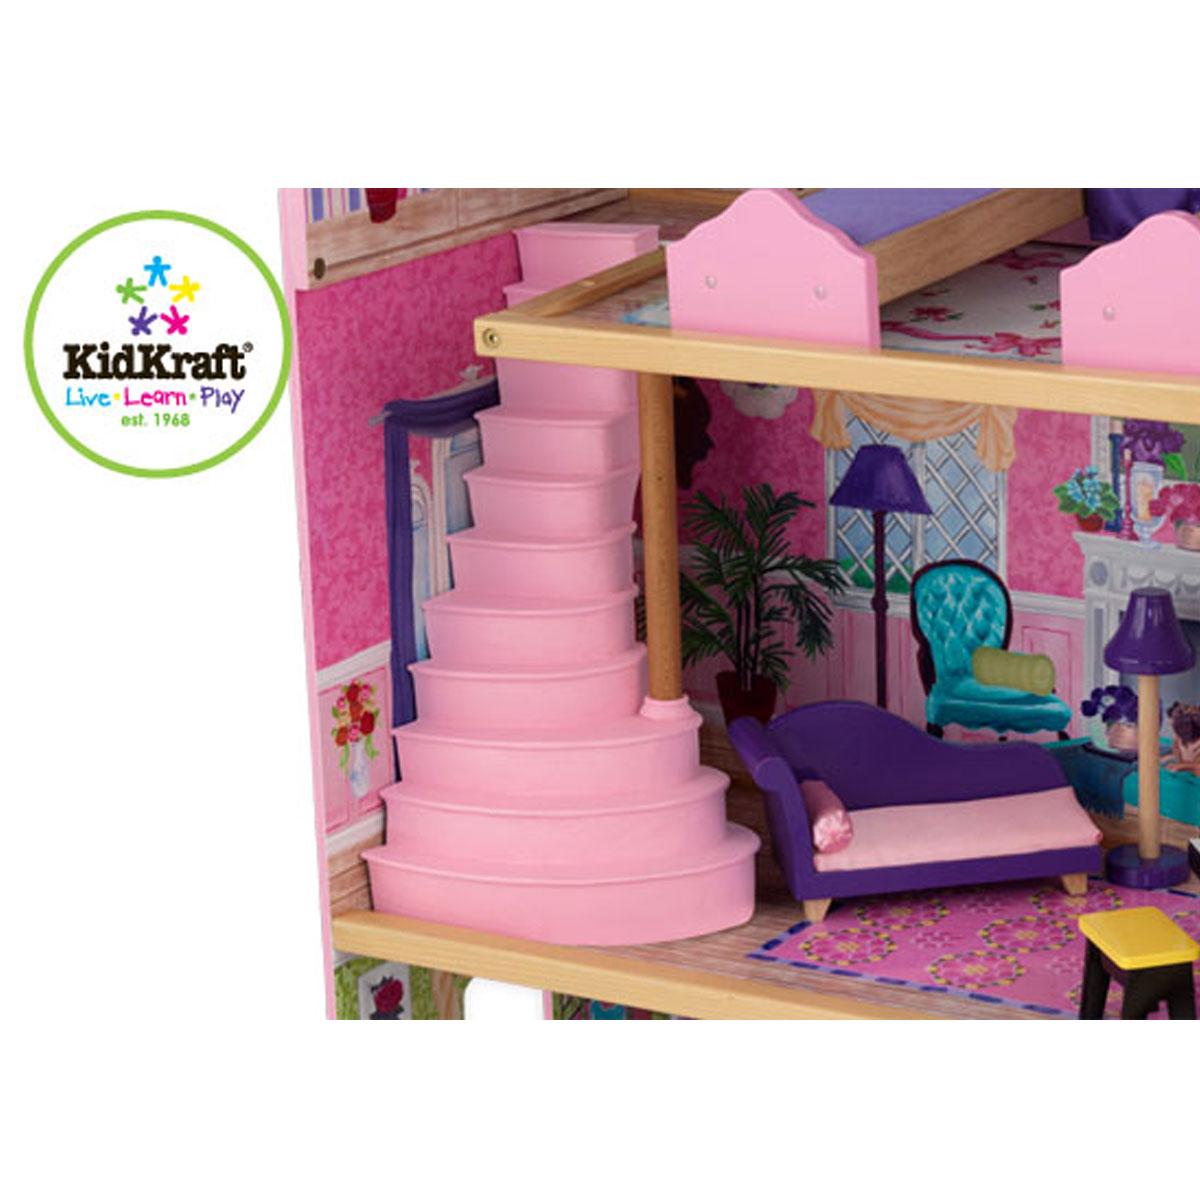 Kidkraft 65082 la mia casa dei sogni giocattoli di legno for Progetta la mia casa dei sogni